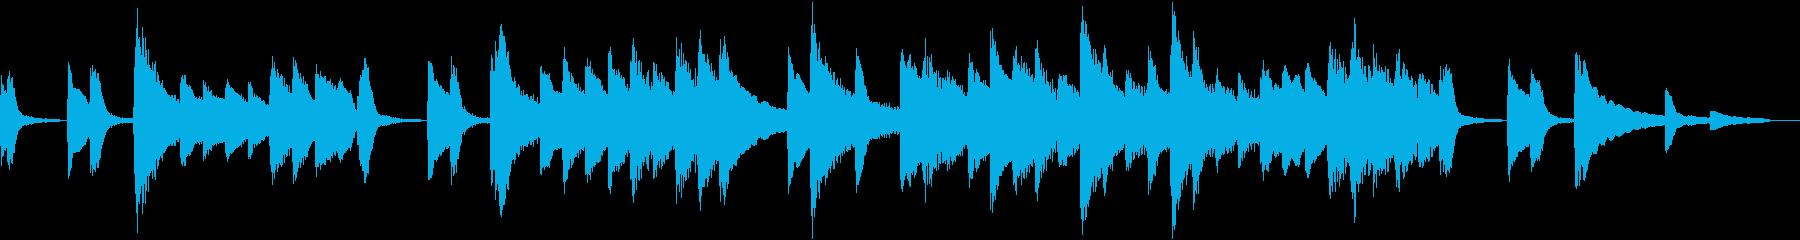 【ほのぼの系】30秒ピアノソロの再生済みの波形